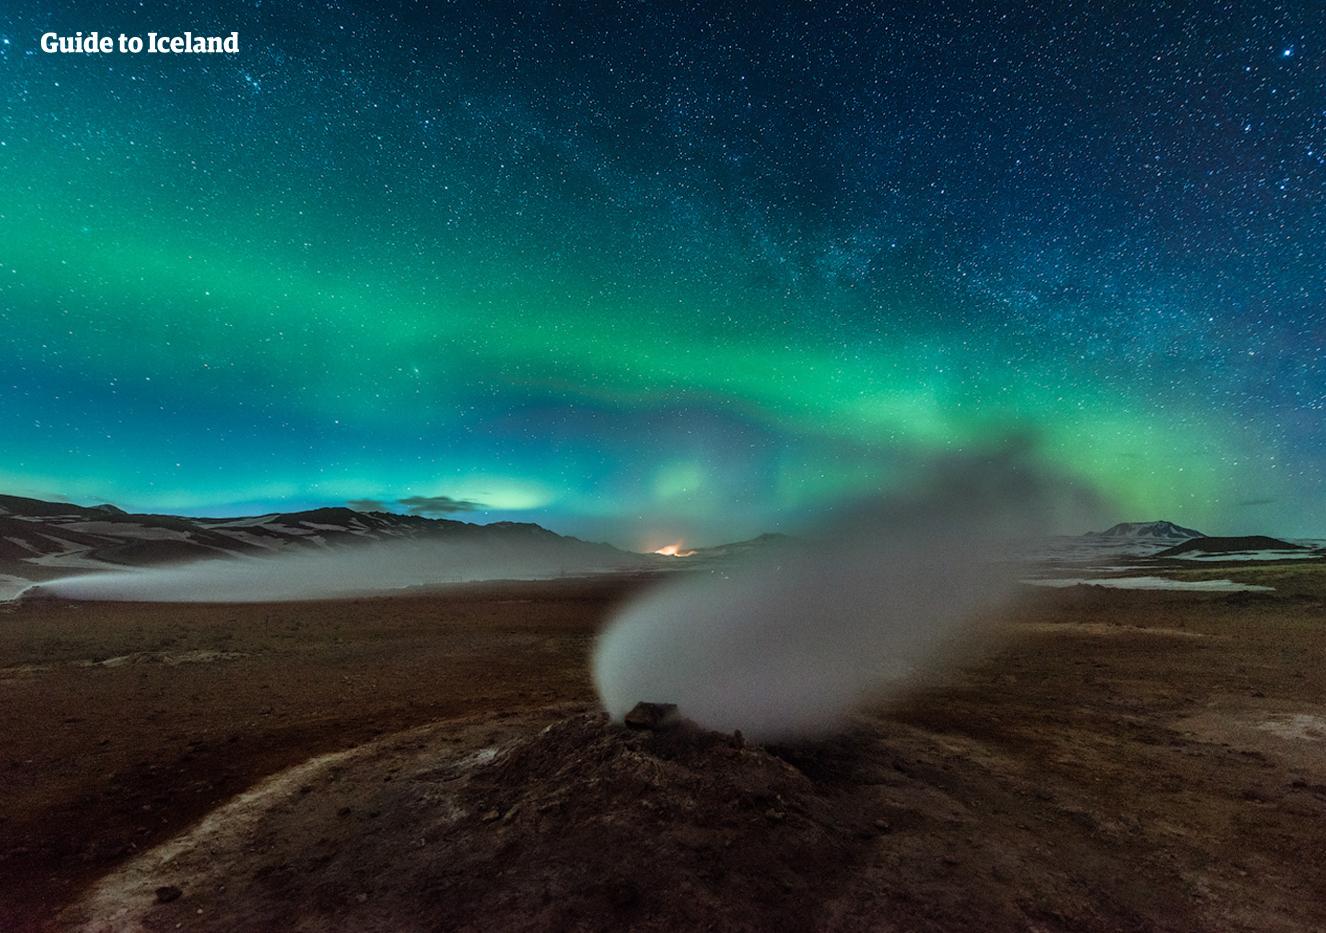 Nordlys og stjernehimmel over en fumarole i et geotermisk område nær Mývatn